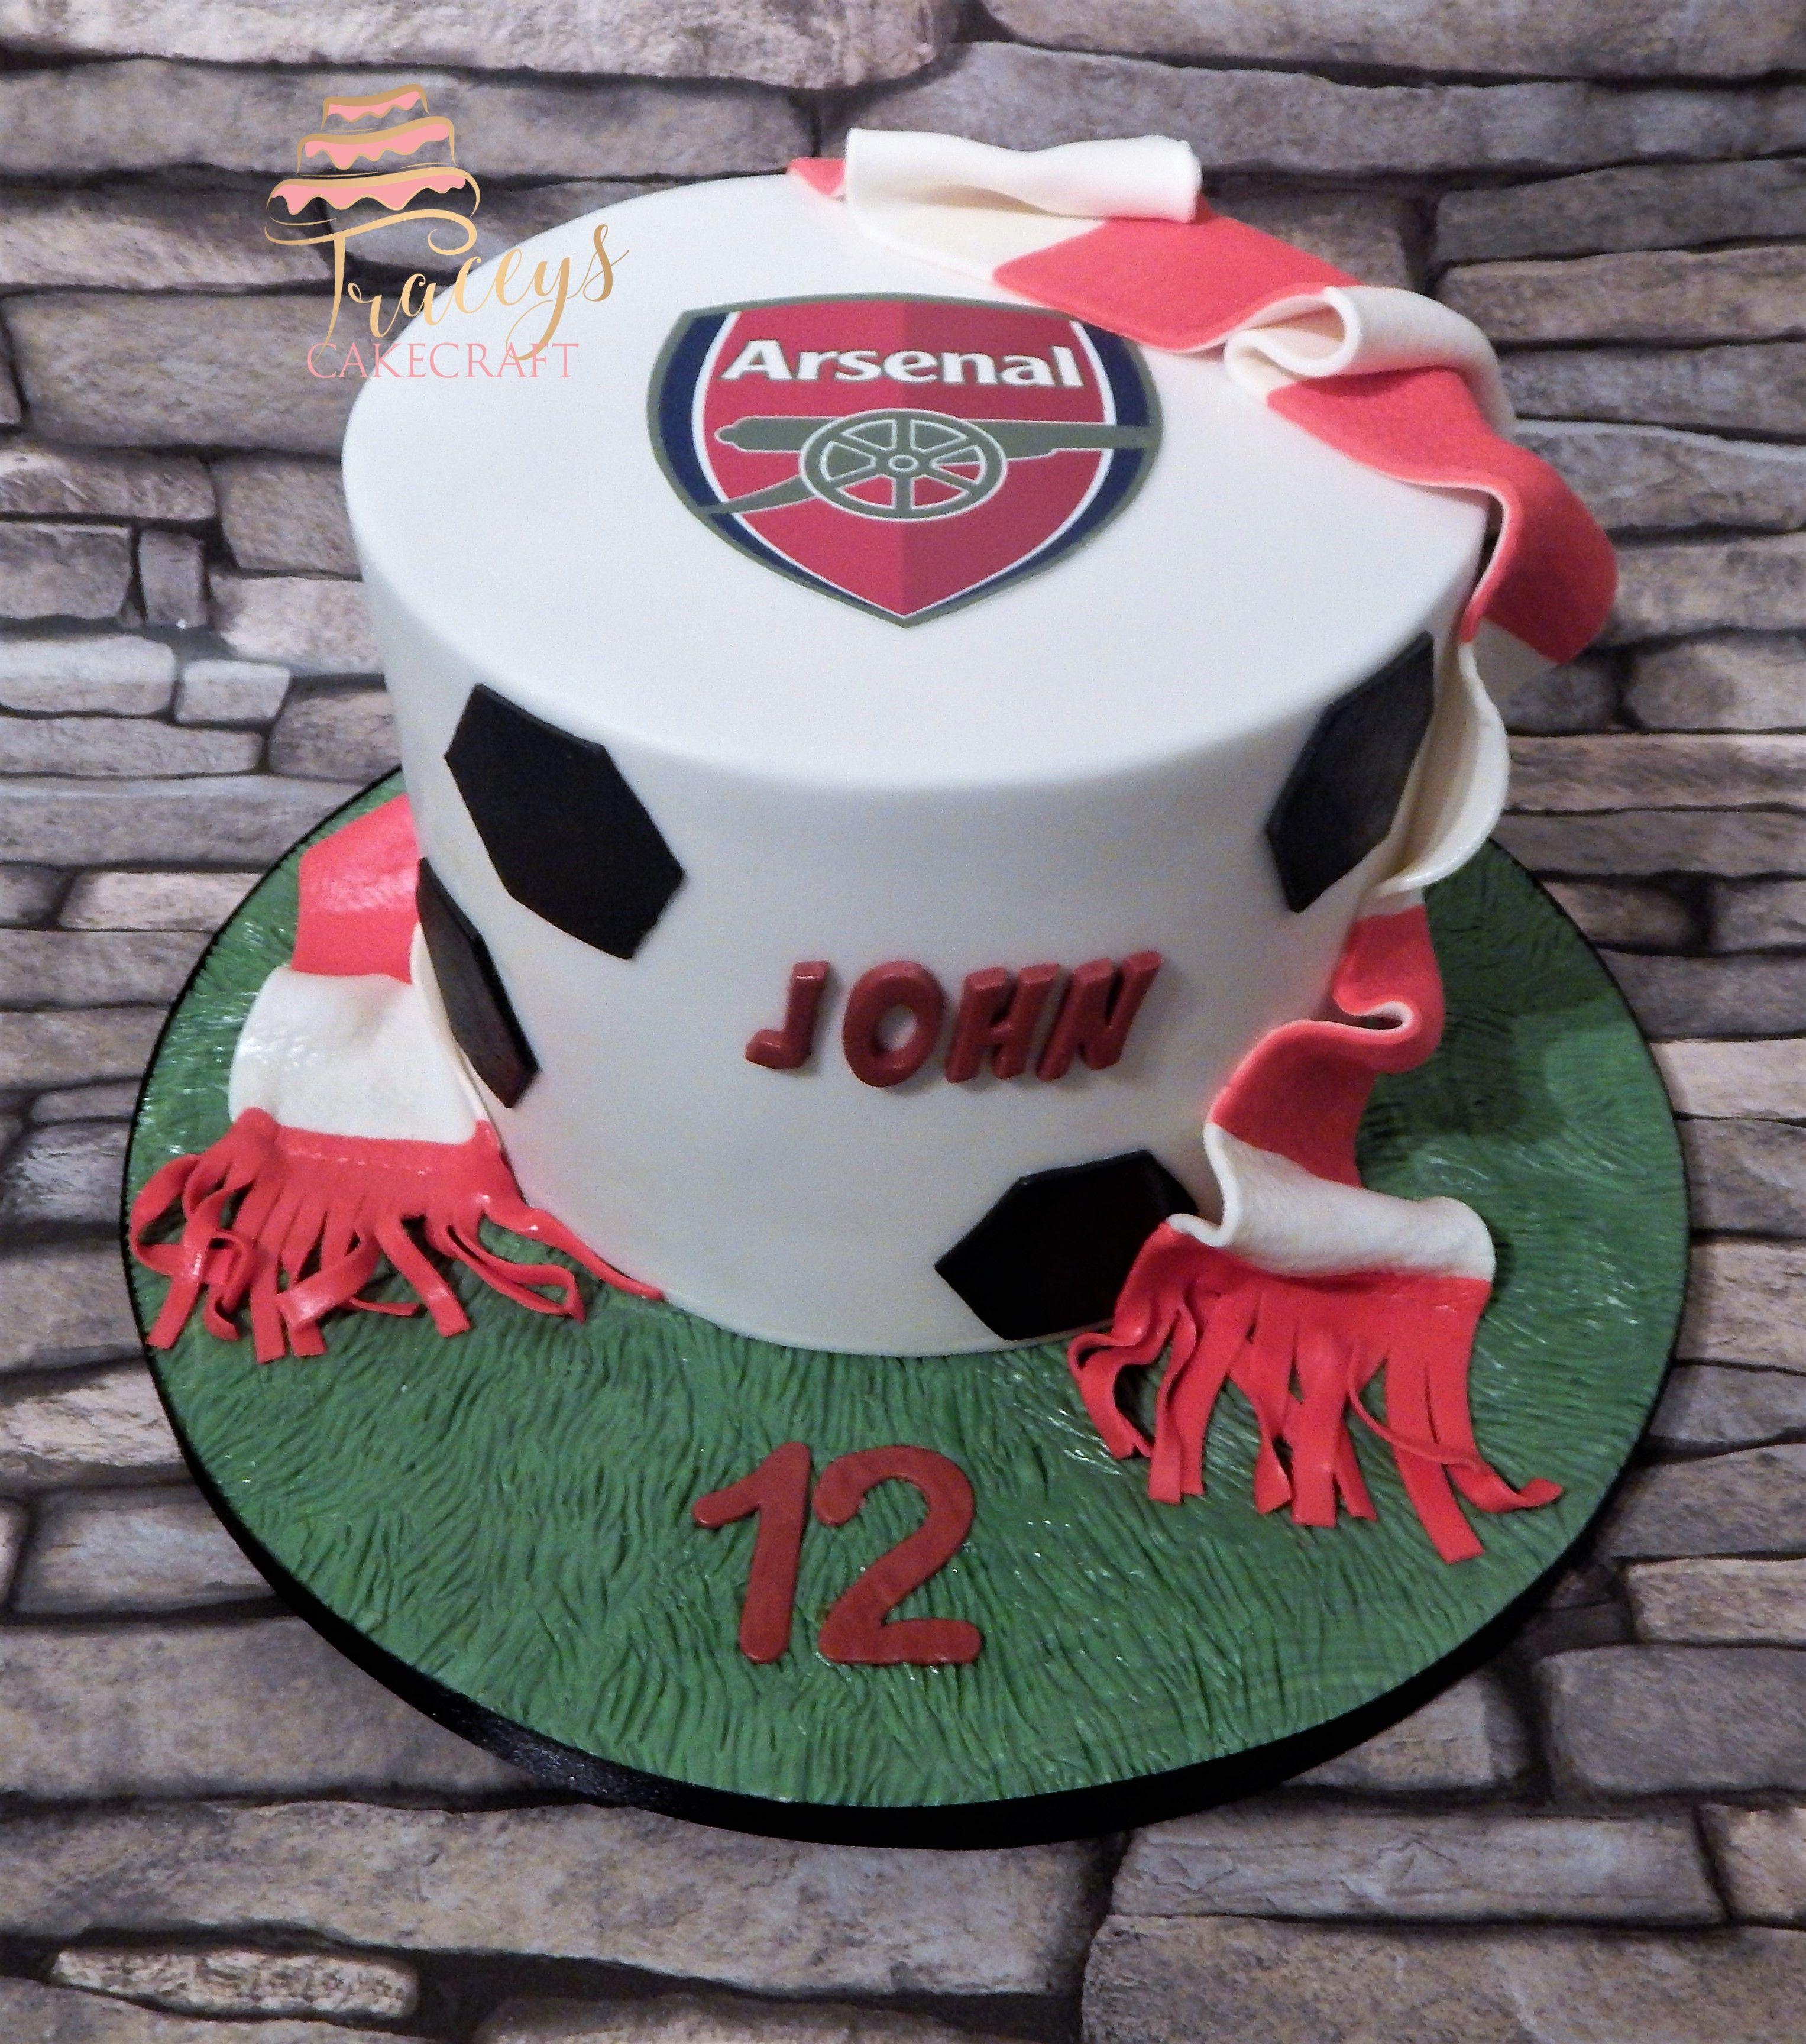 Arsenal FC Football Cake Let Them Eat Cake Pinterest Cake - Football cakes for birthdays